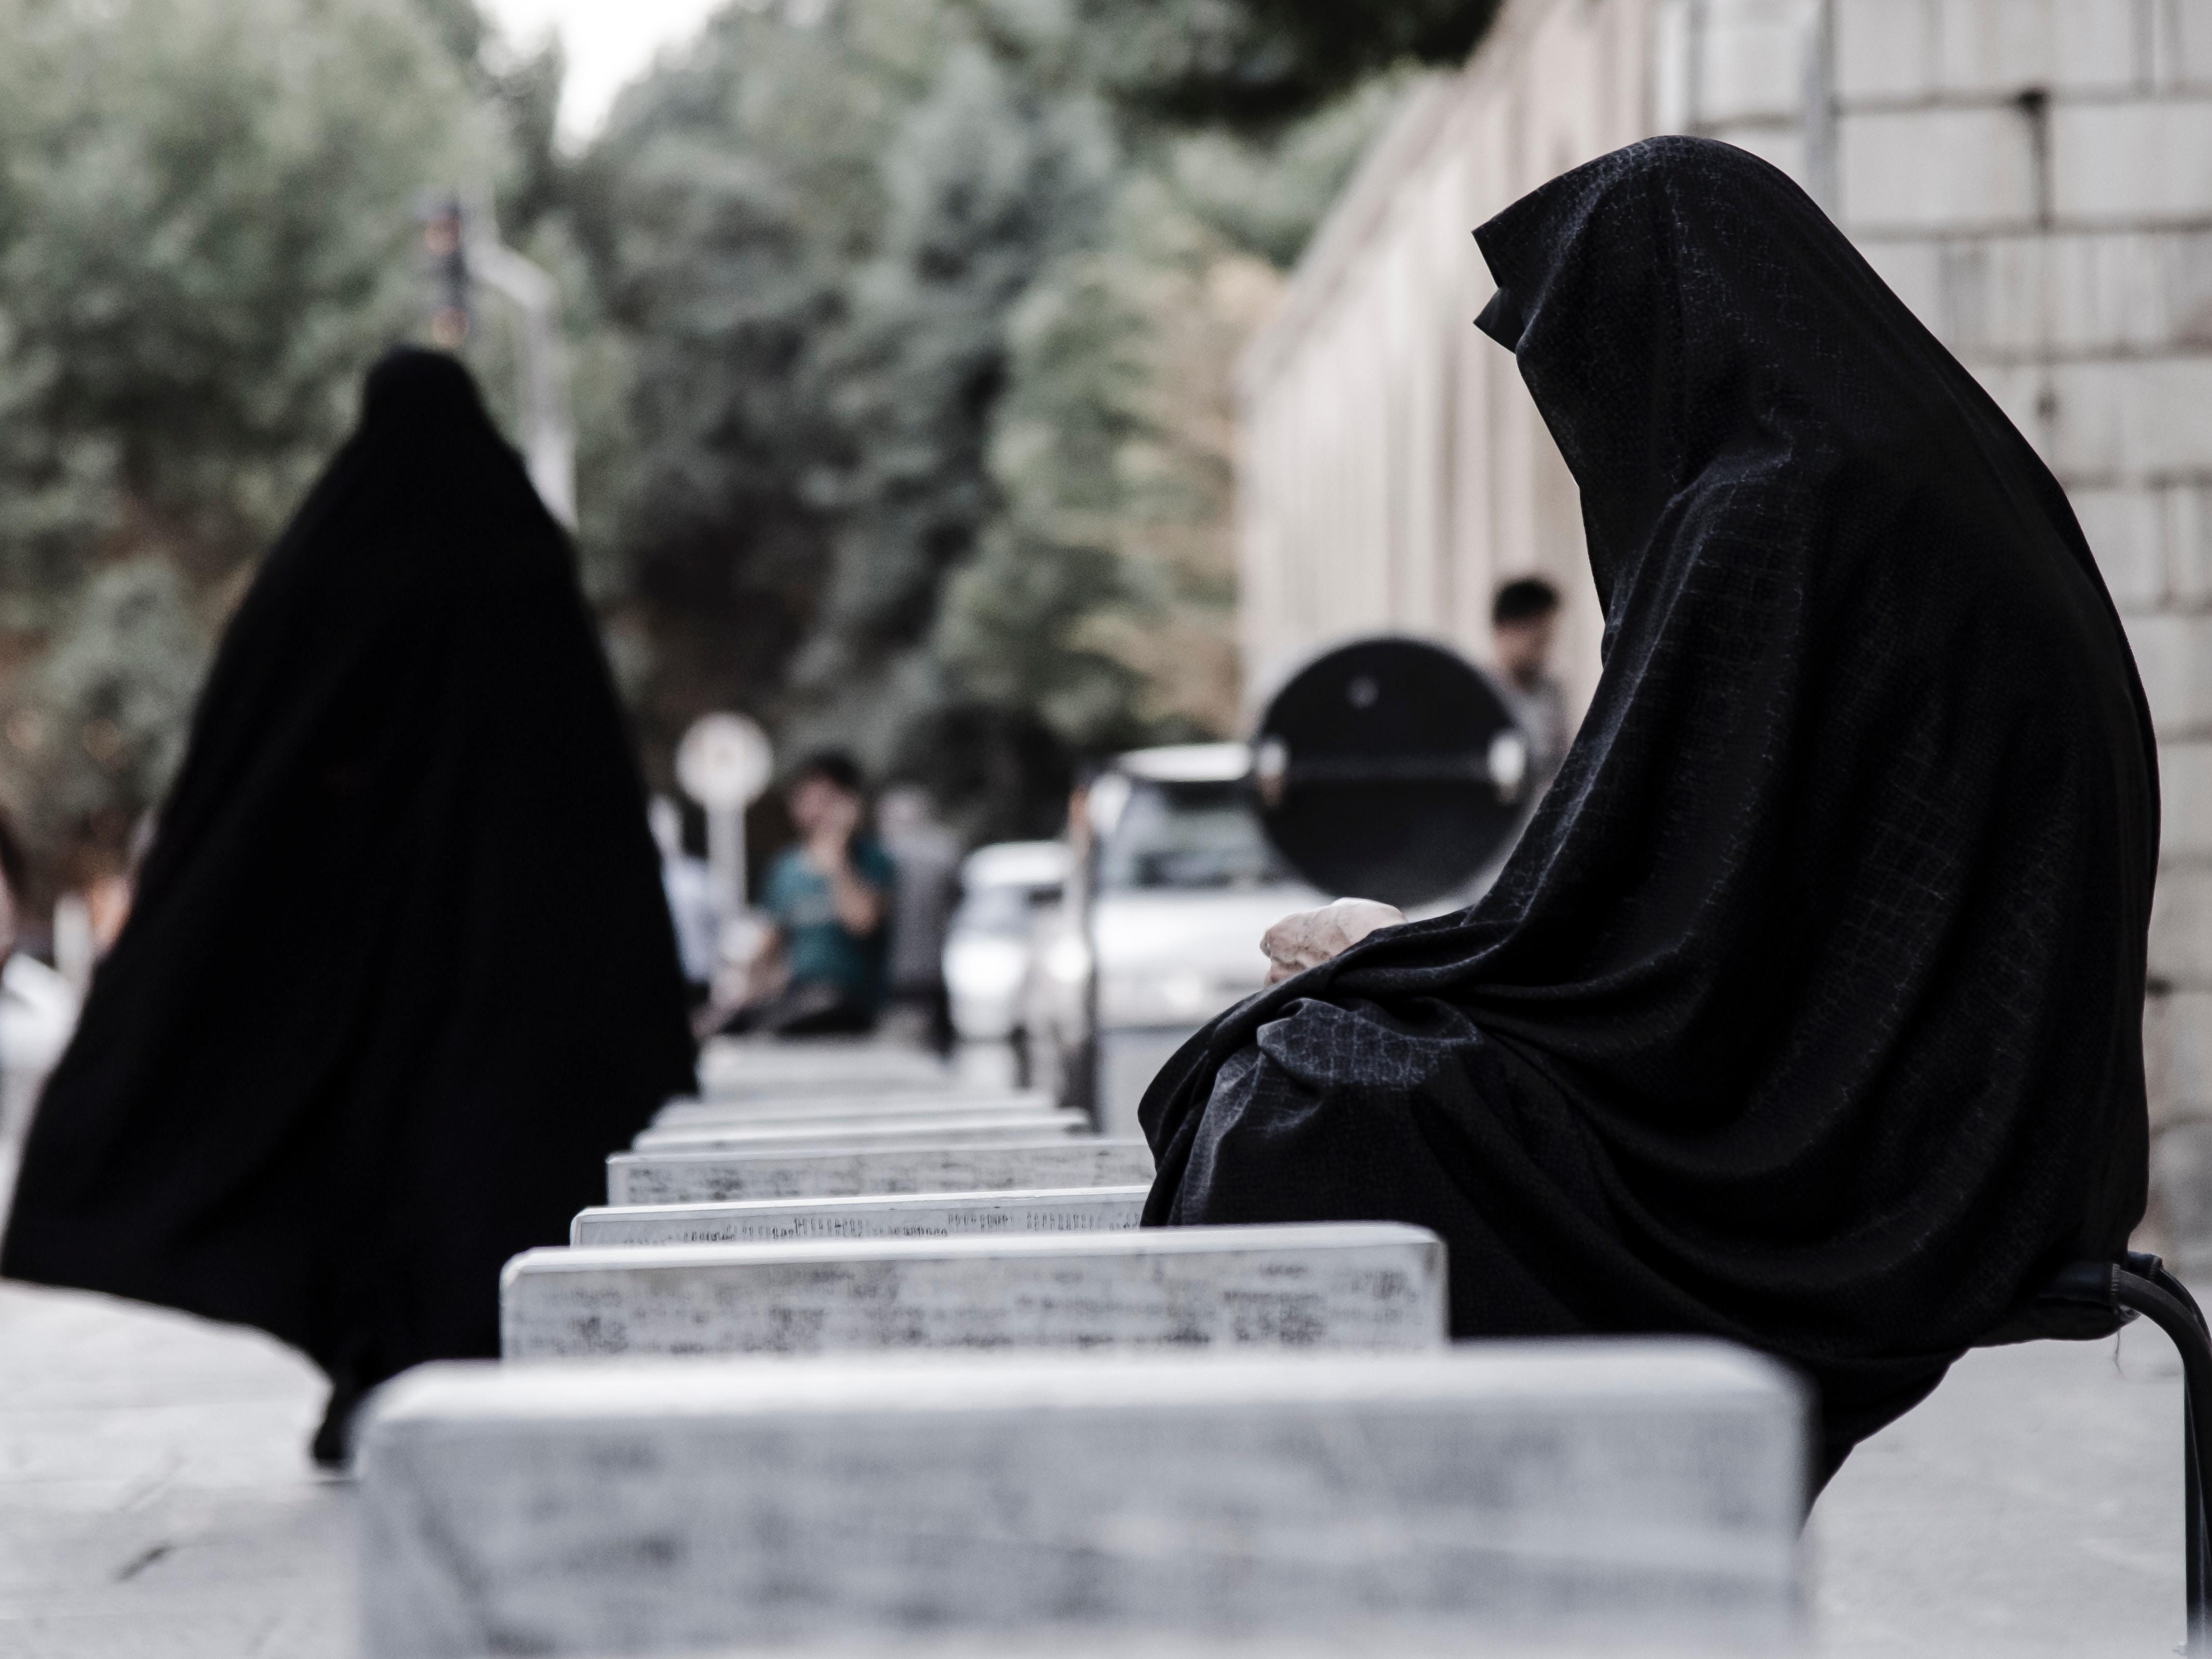 Saudi-Arabien lockert Vorschriften für Frauen